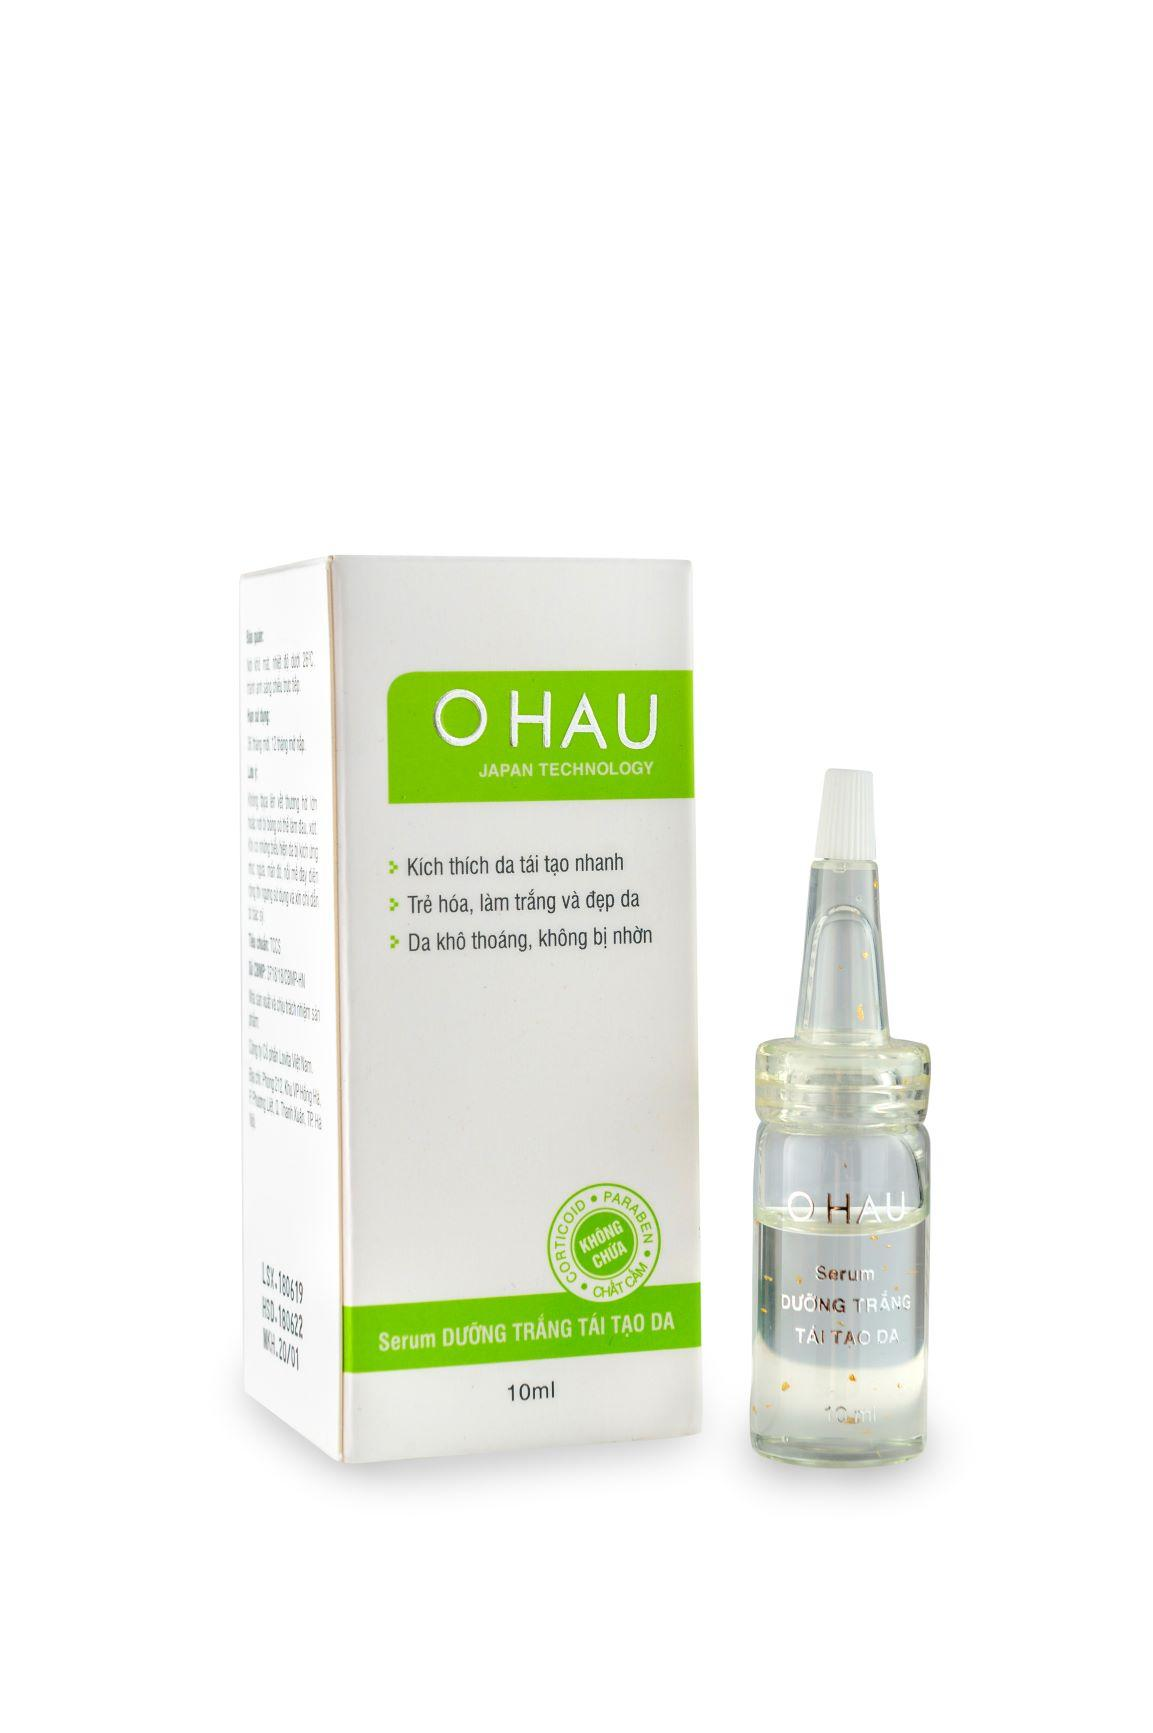 Serum dưỡng trắng tái tạo da OHAU